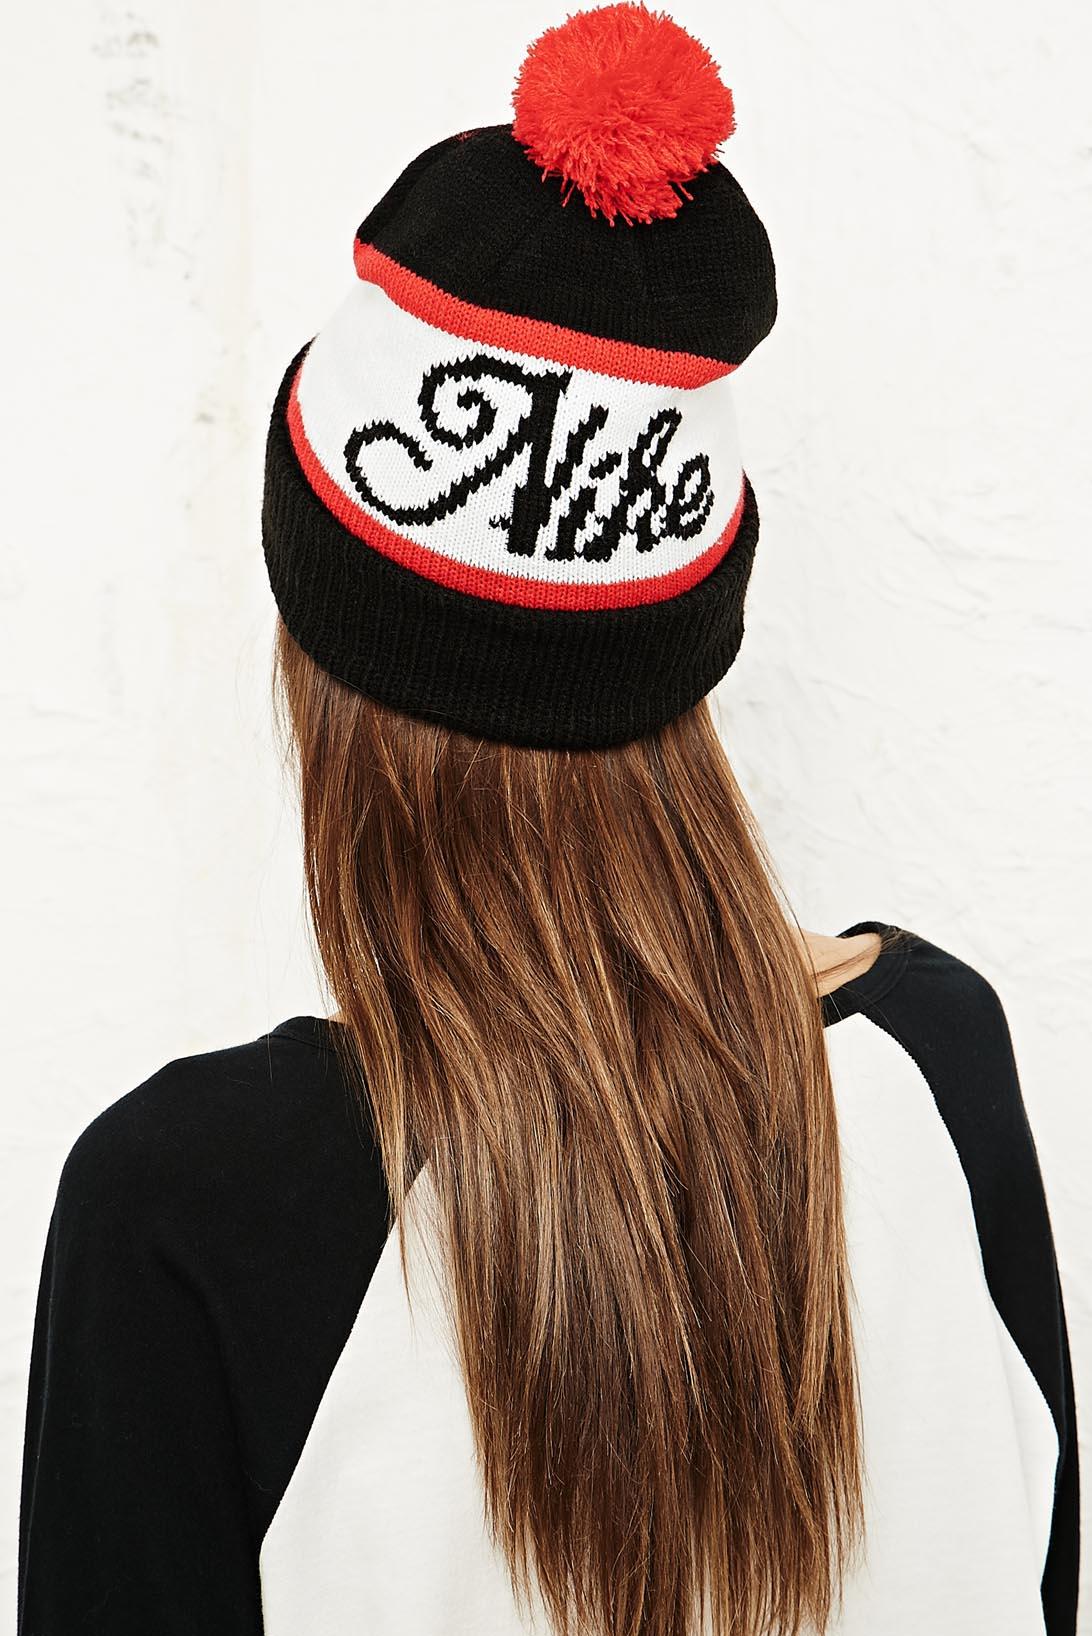 7c265d14eaf Nike Old Snow Beanie Hat in Black in Black - Lyst